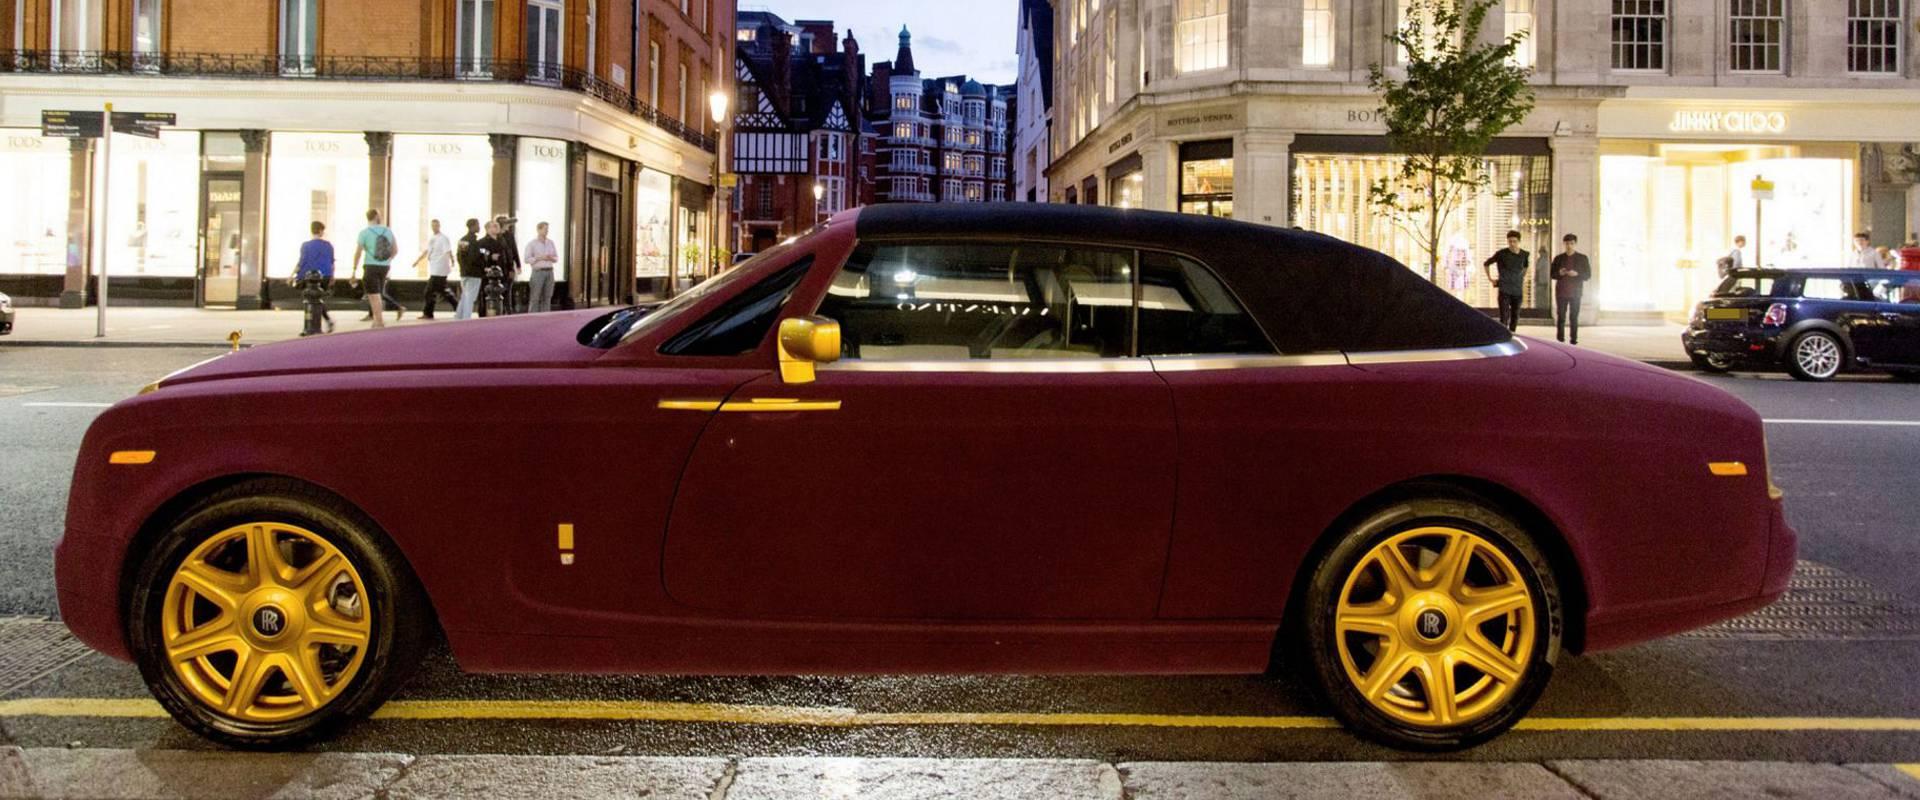 SAMO ZA POZIRANJE: Baršunasti Rolls Royce na ulicama Londona